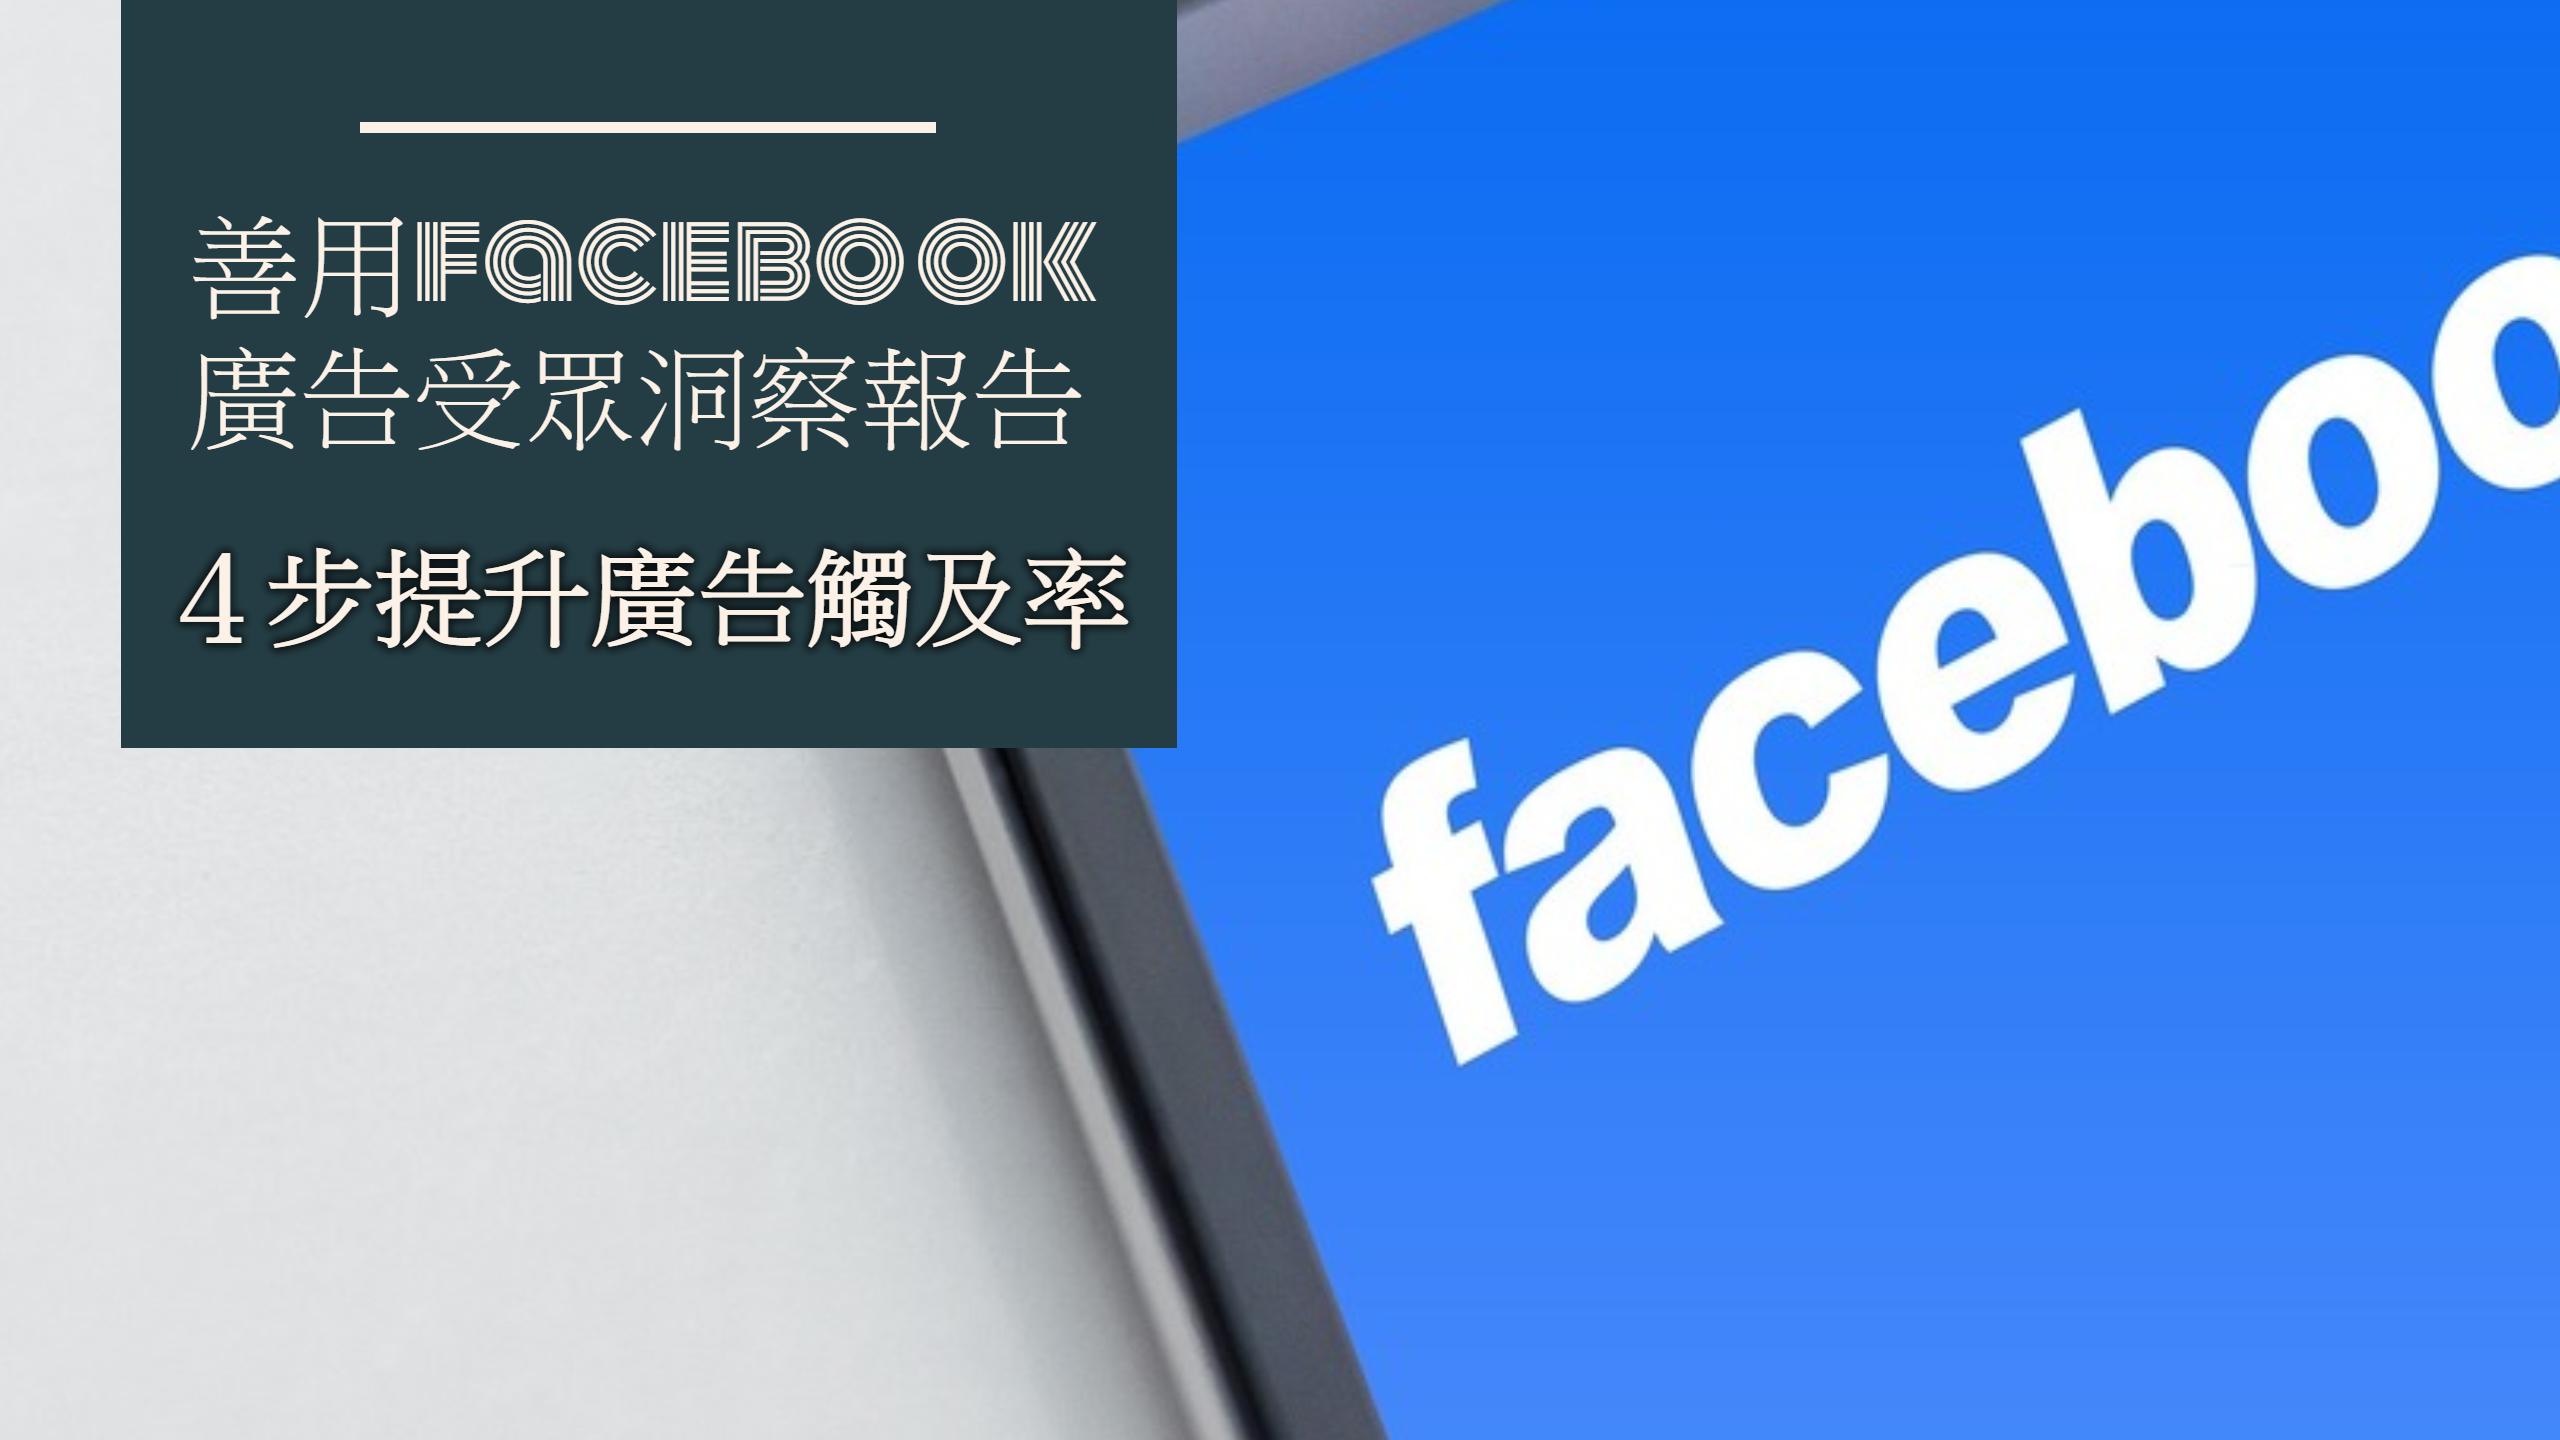 善用facebook廣告受眾洞察報告,4步提升廣告觸及率- 網路行銷